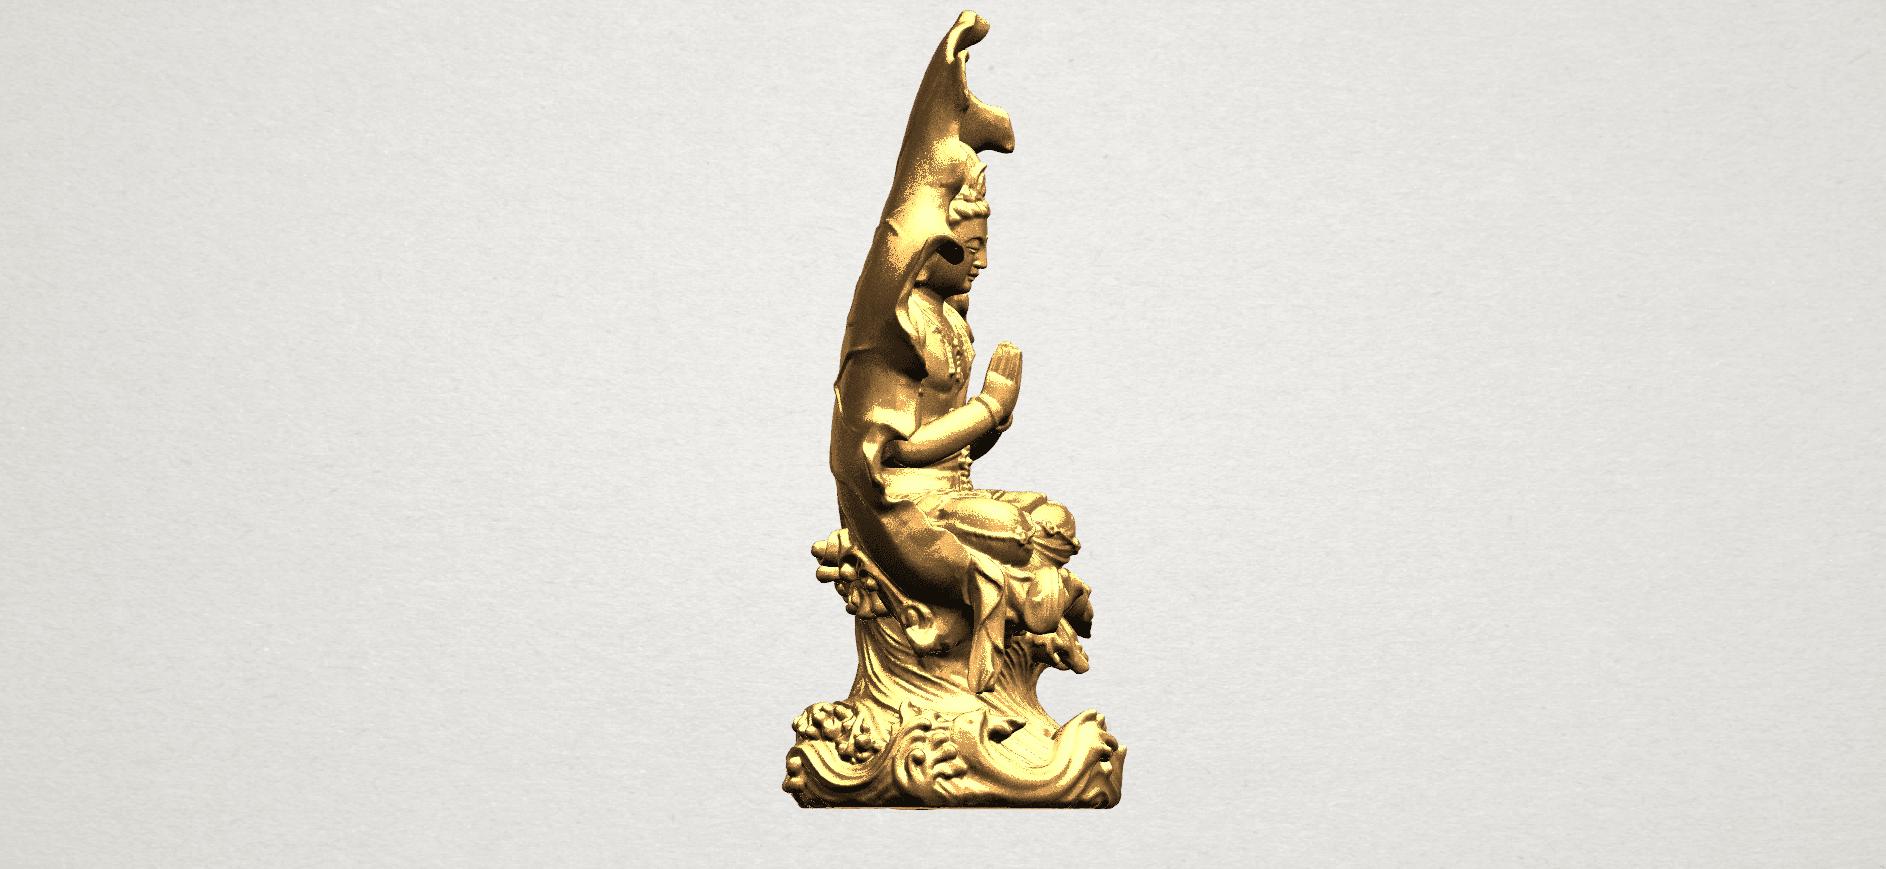 Avalokitesvara Buddha (with Lotus Leave) (ii) A08.png Download free STL file Avalokitesvara Buddha (with Lotus Leave) 02 • Model to 3D print, GeorgesNikkei